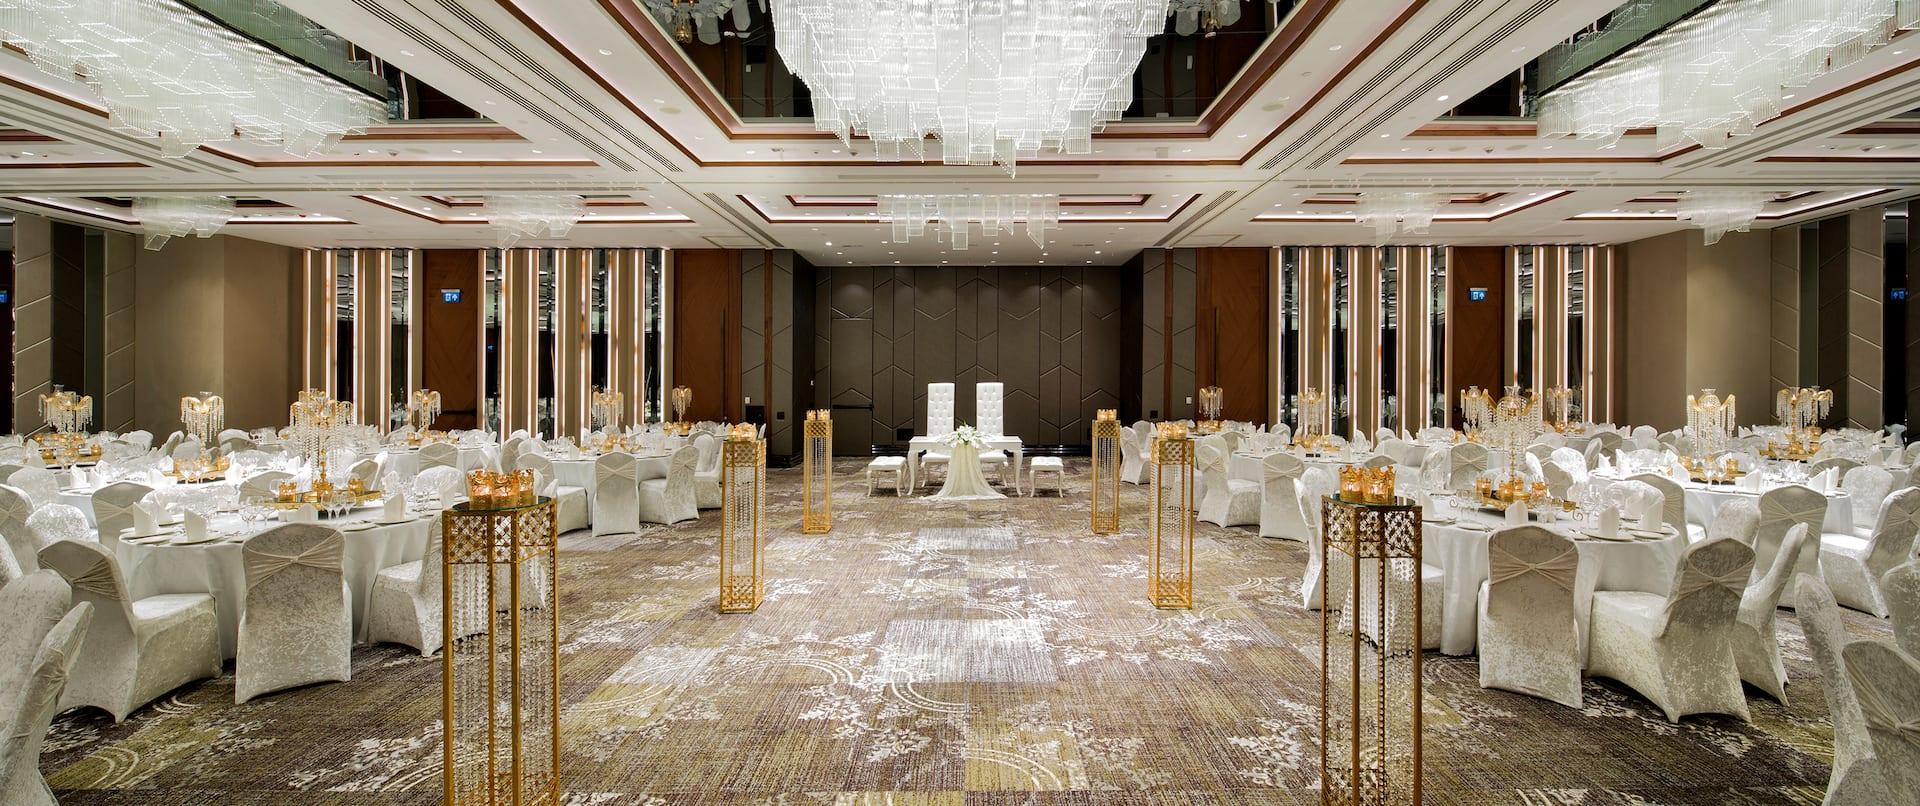 Beyoglu Ballroom